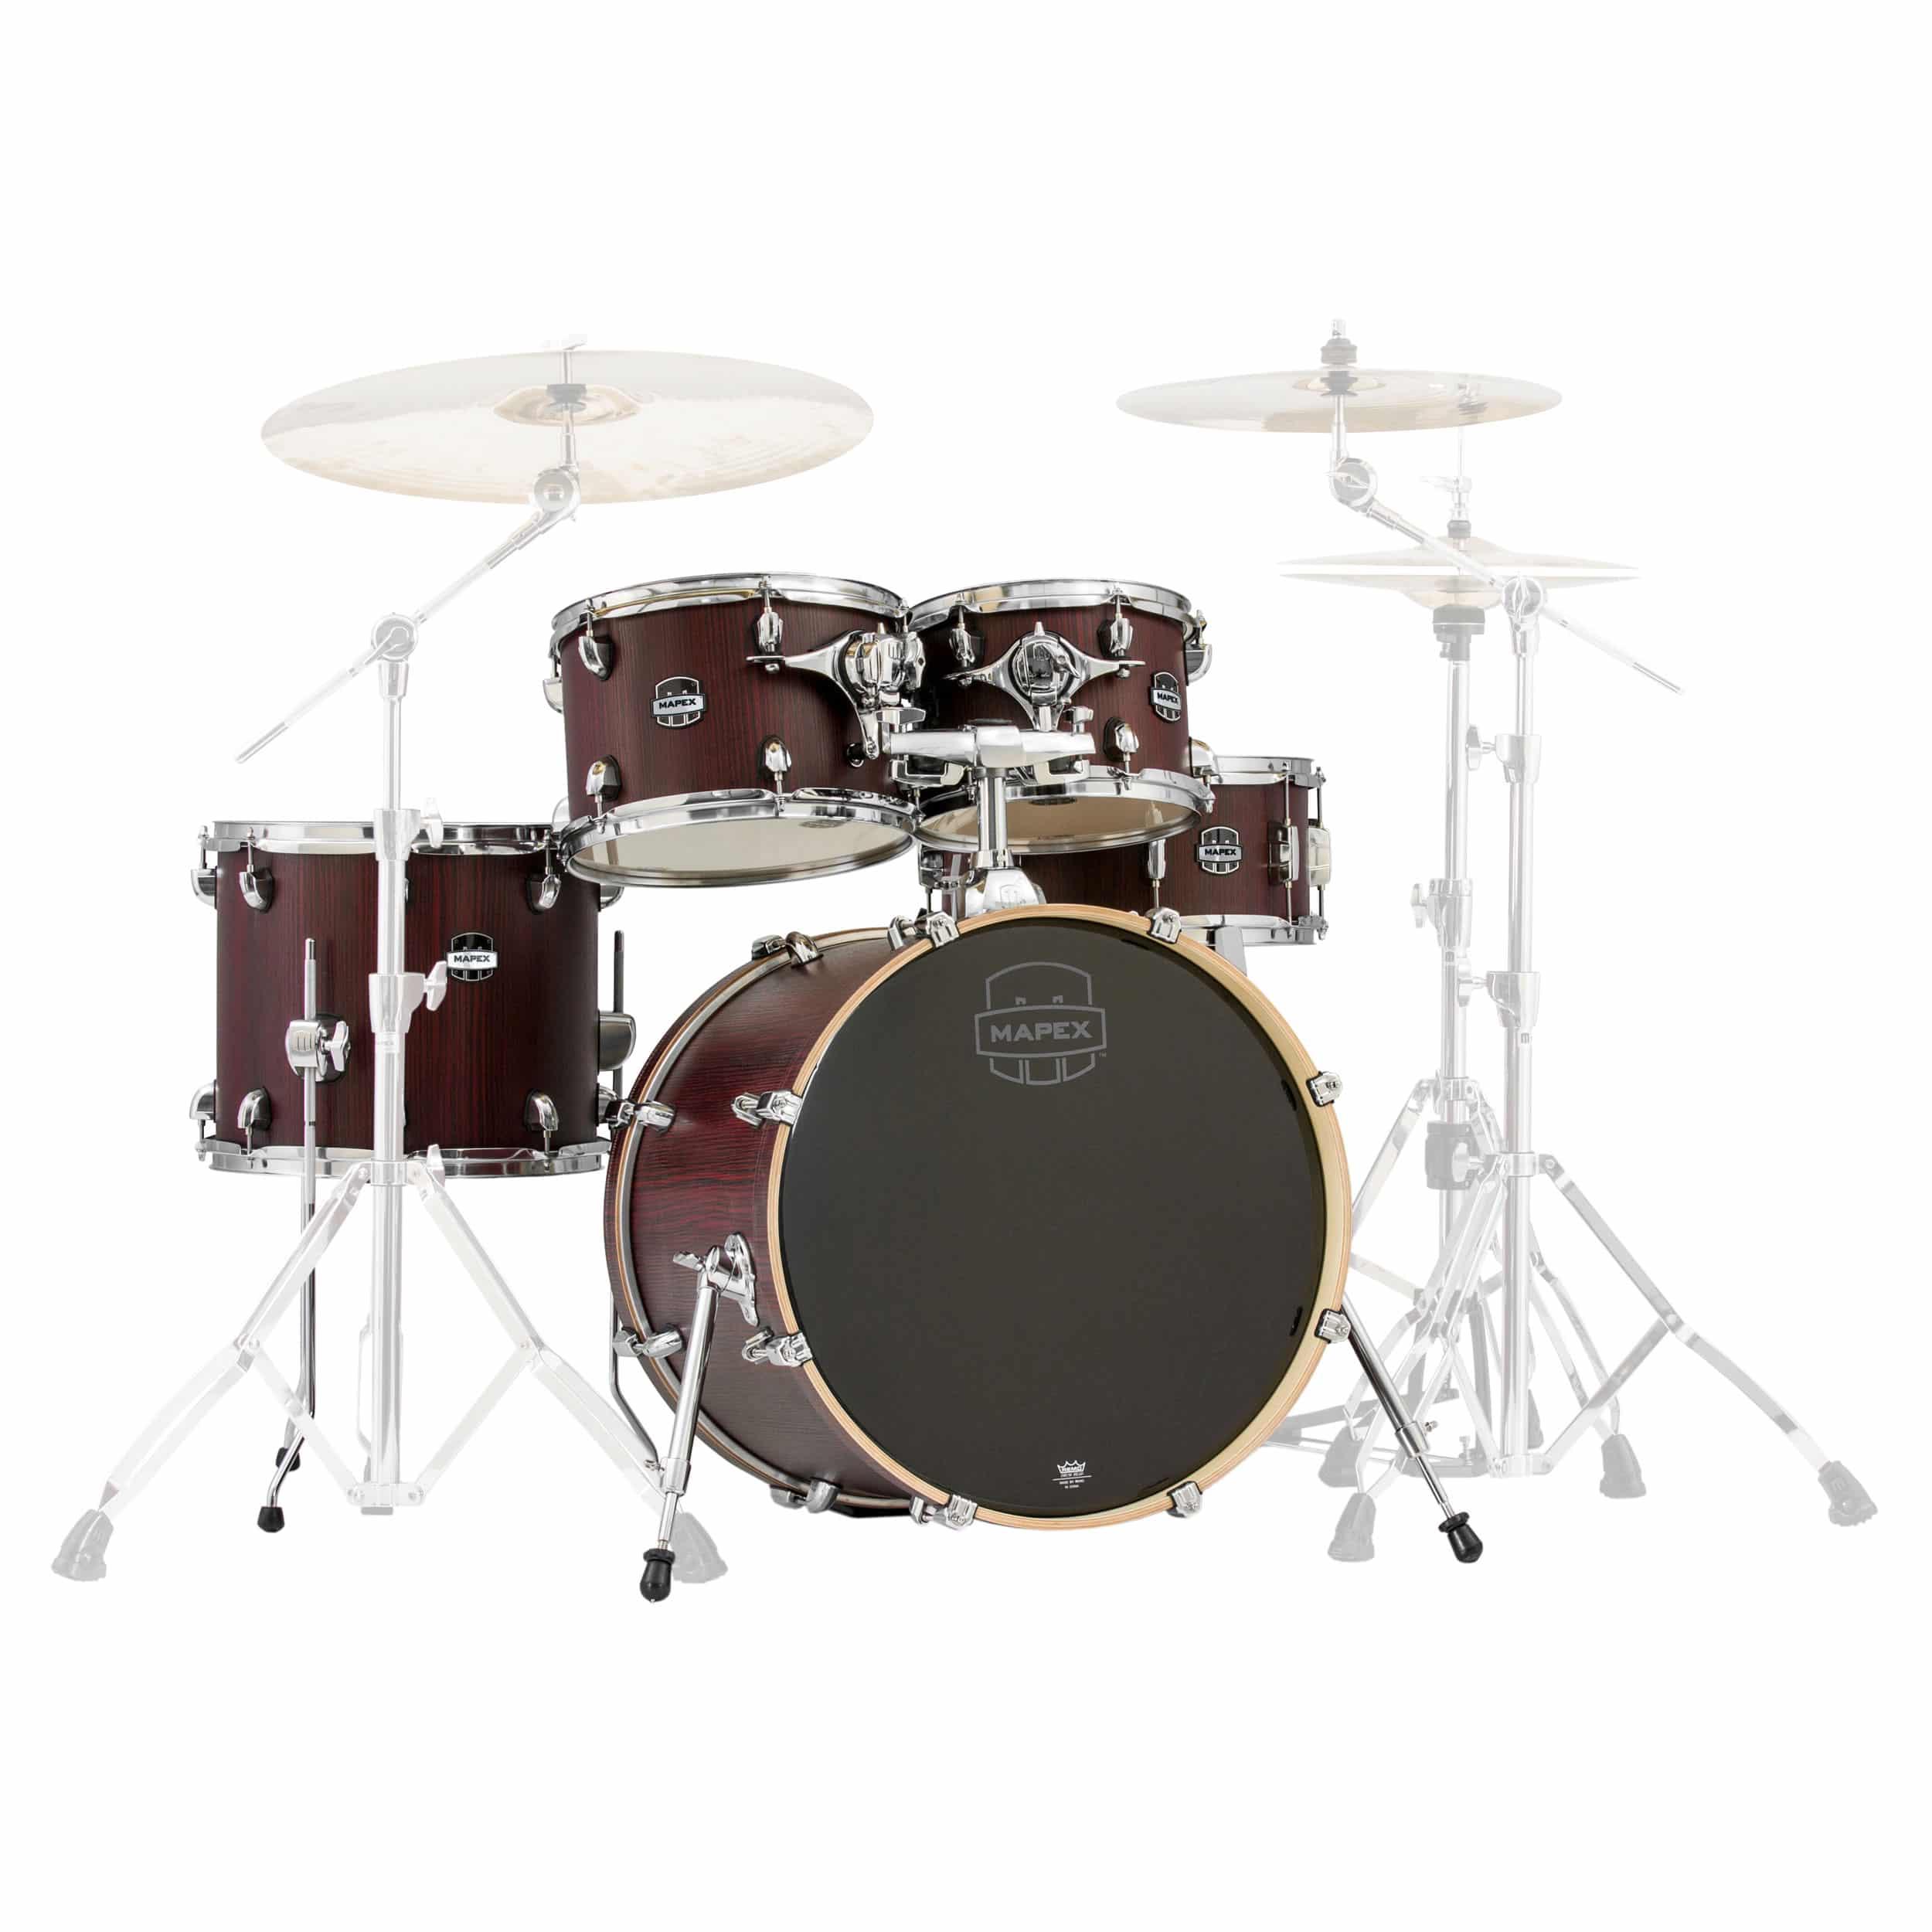 Drum-Mapex-Mars